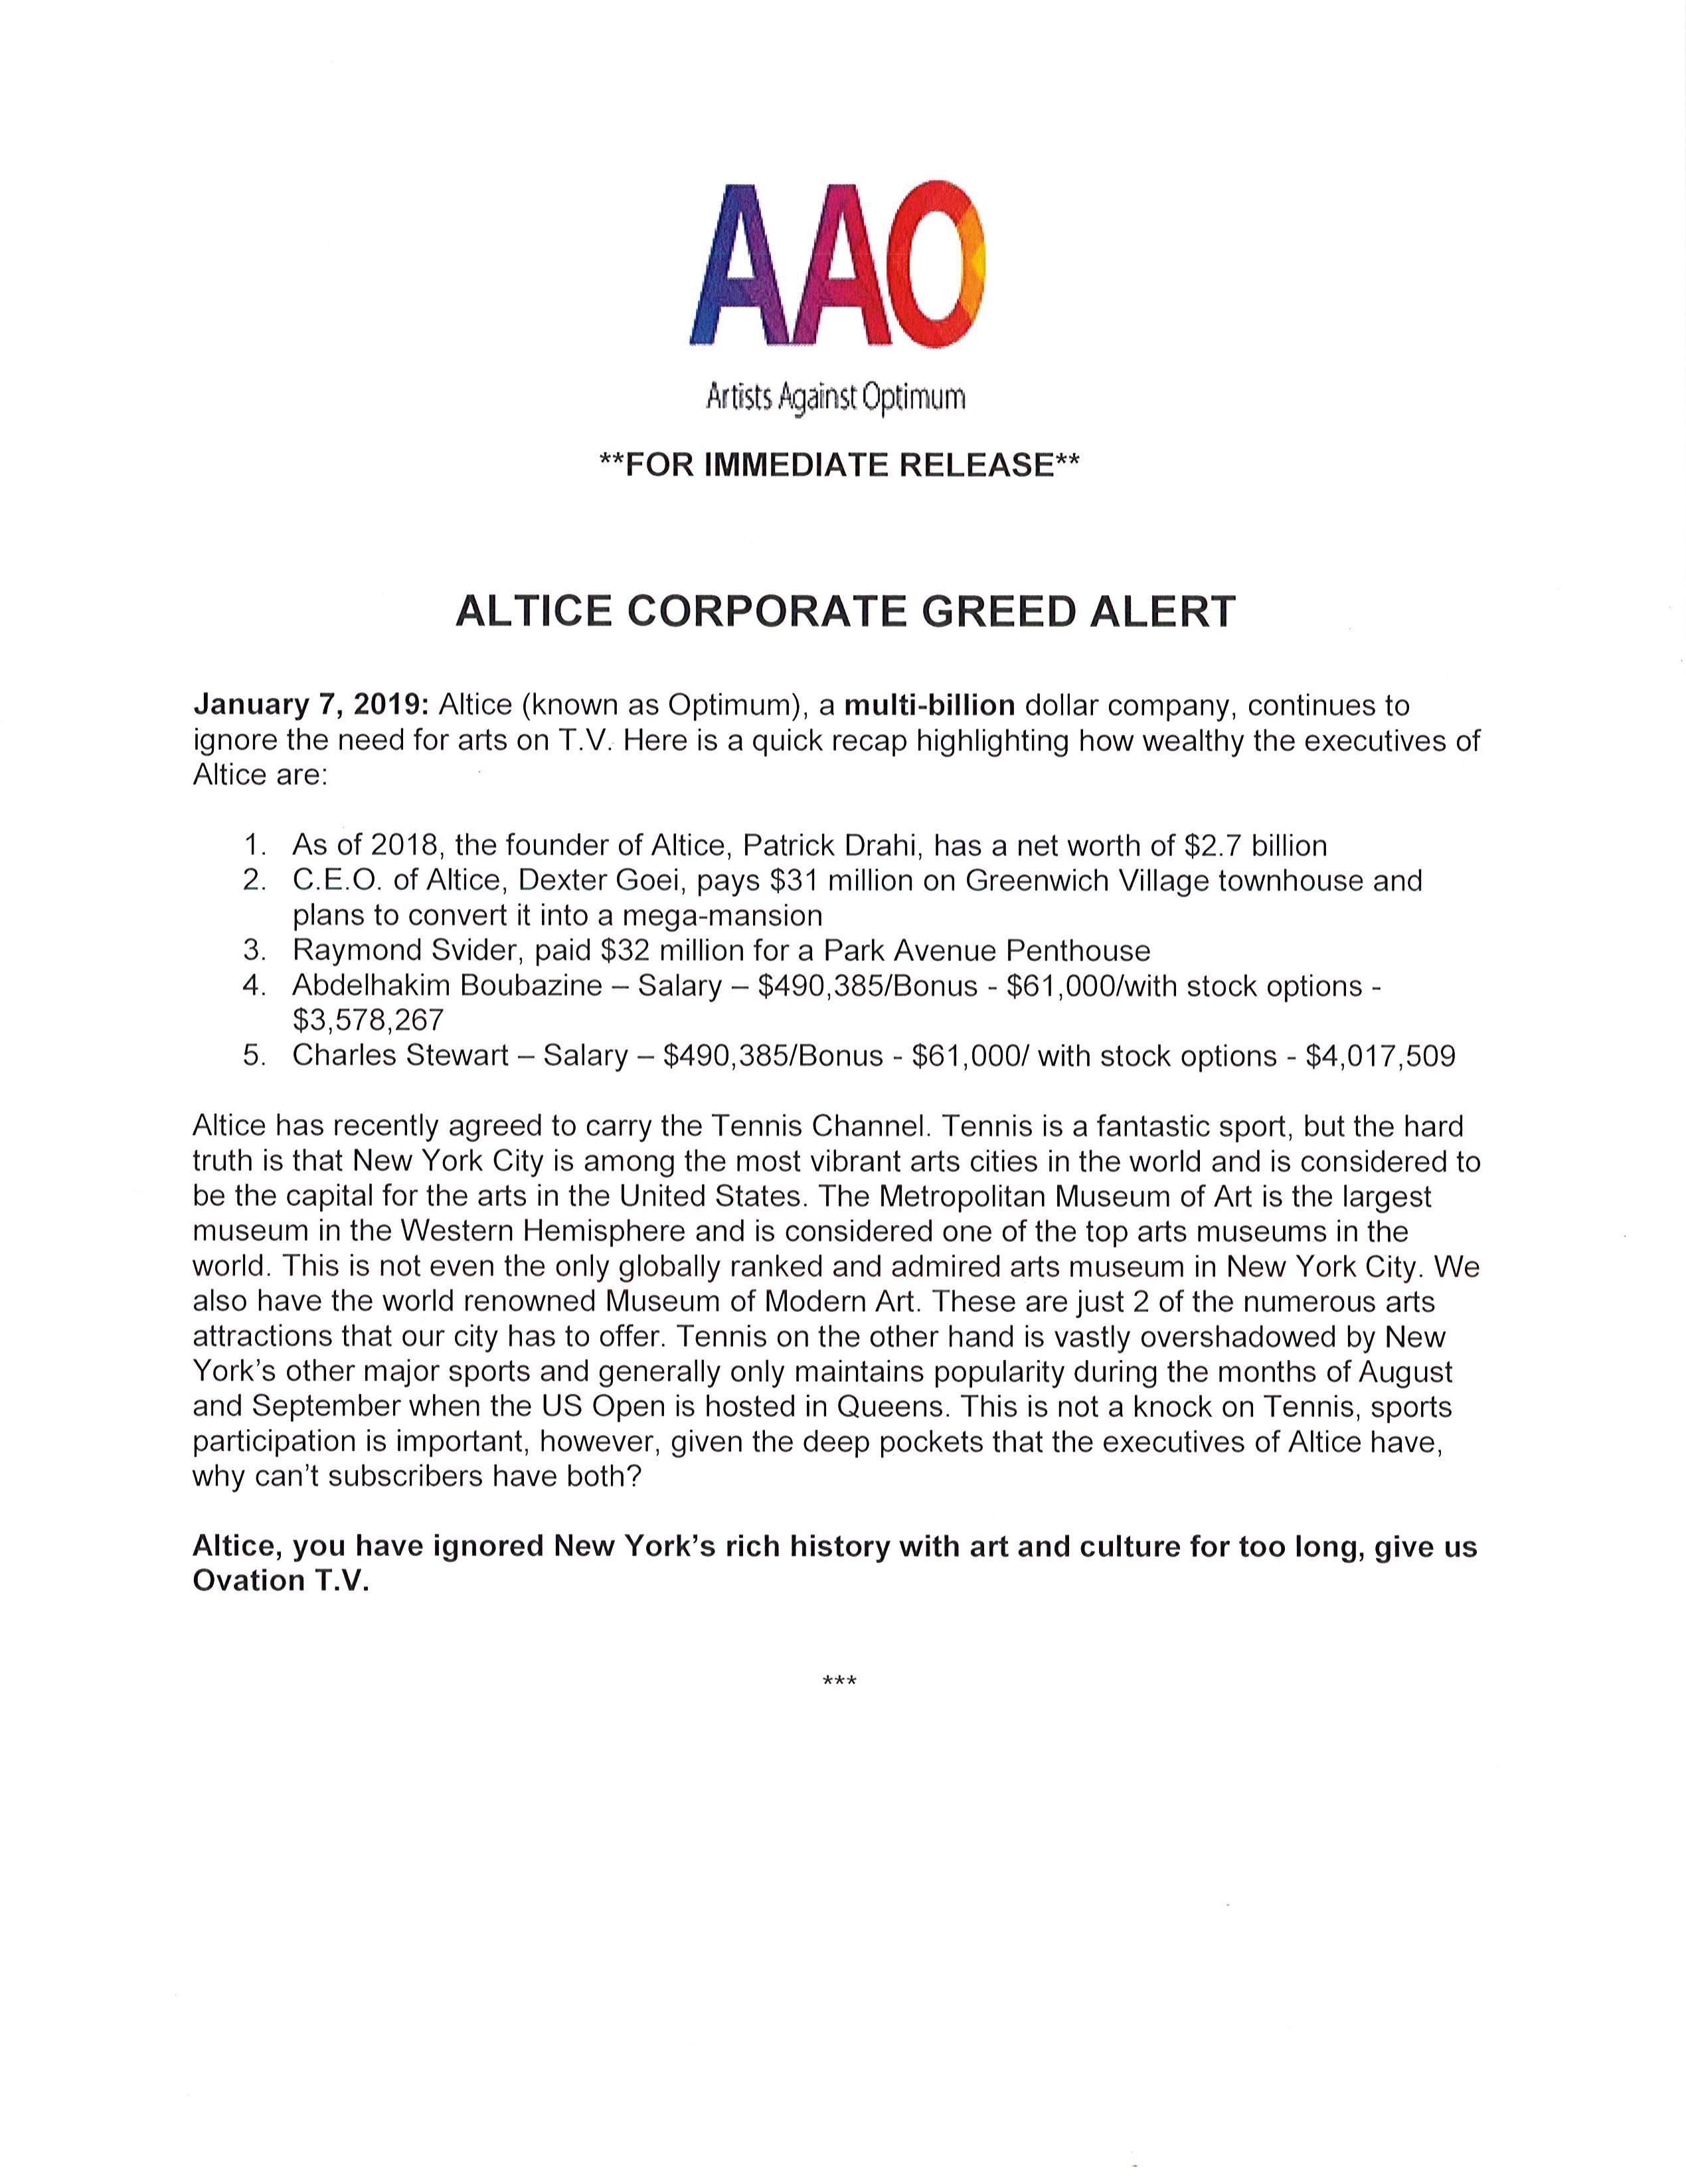 AAO-Press-Release-1.07.19